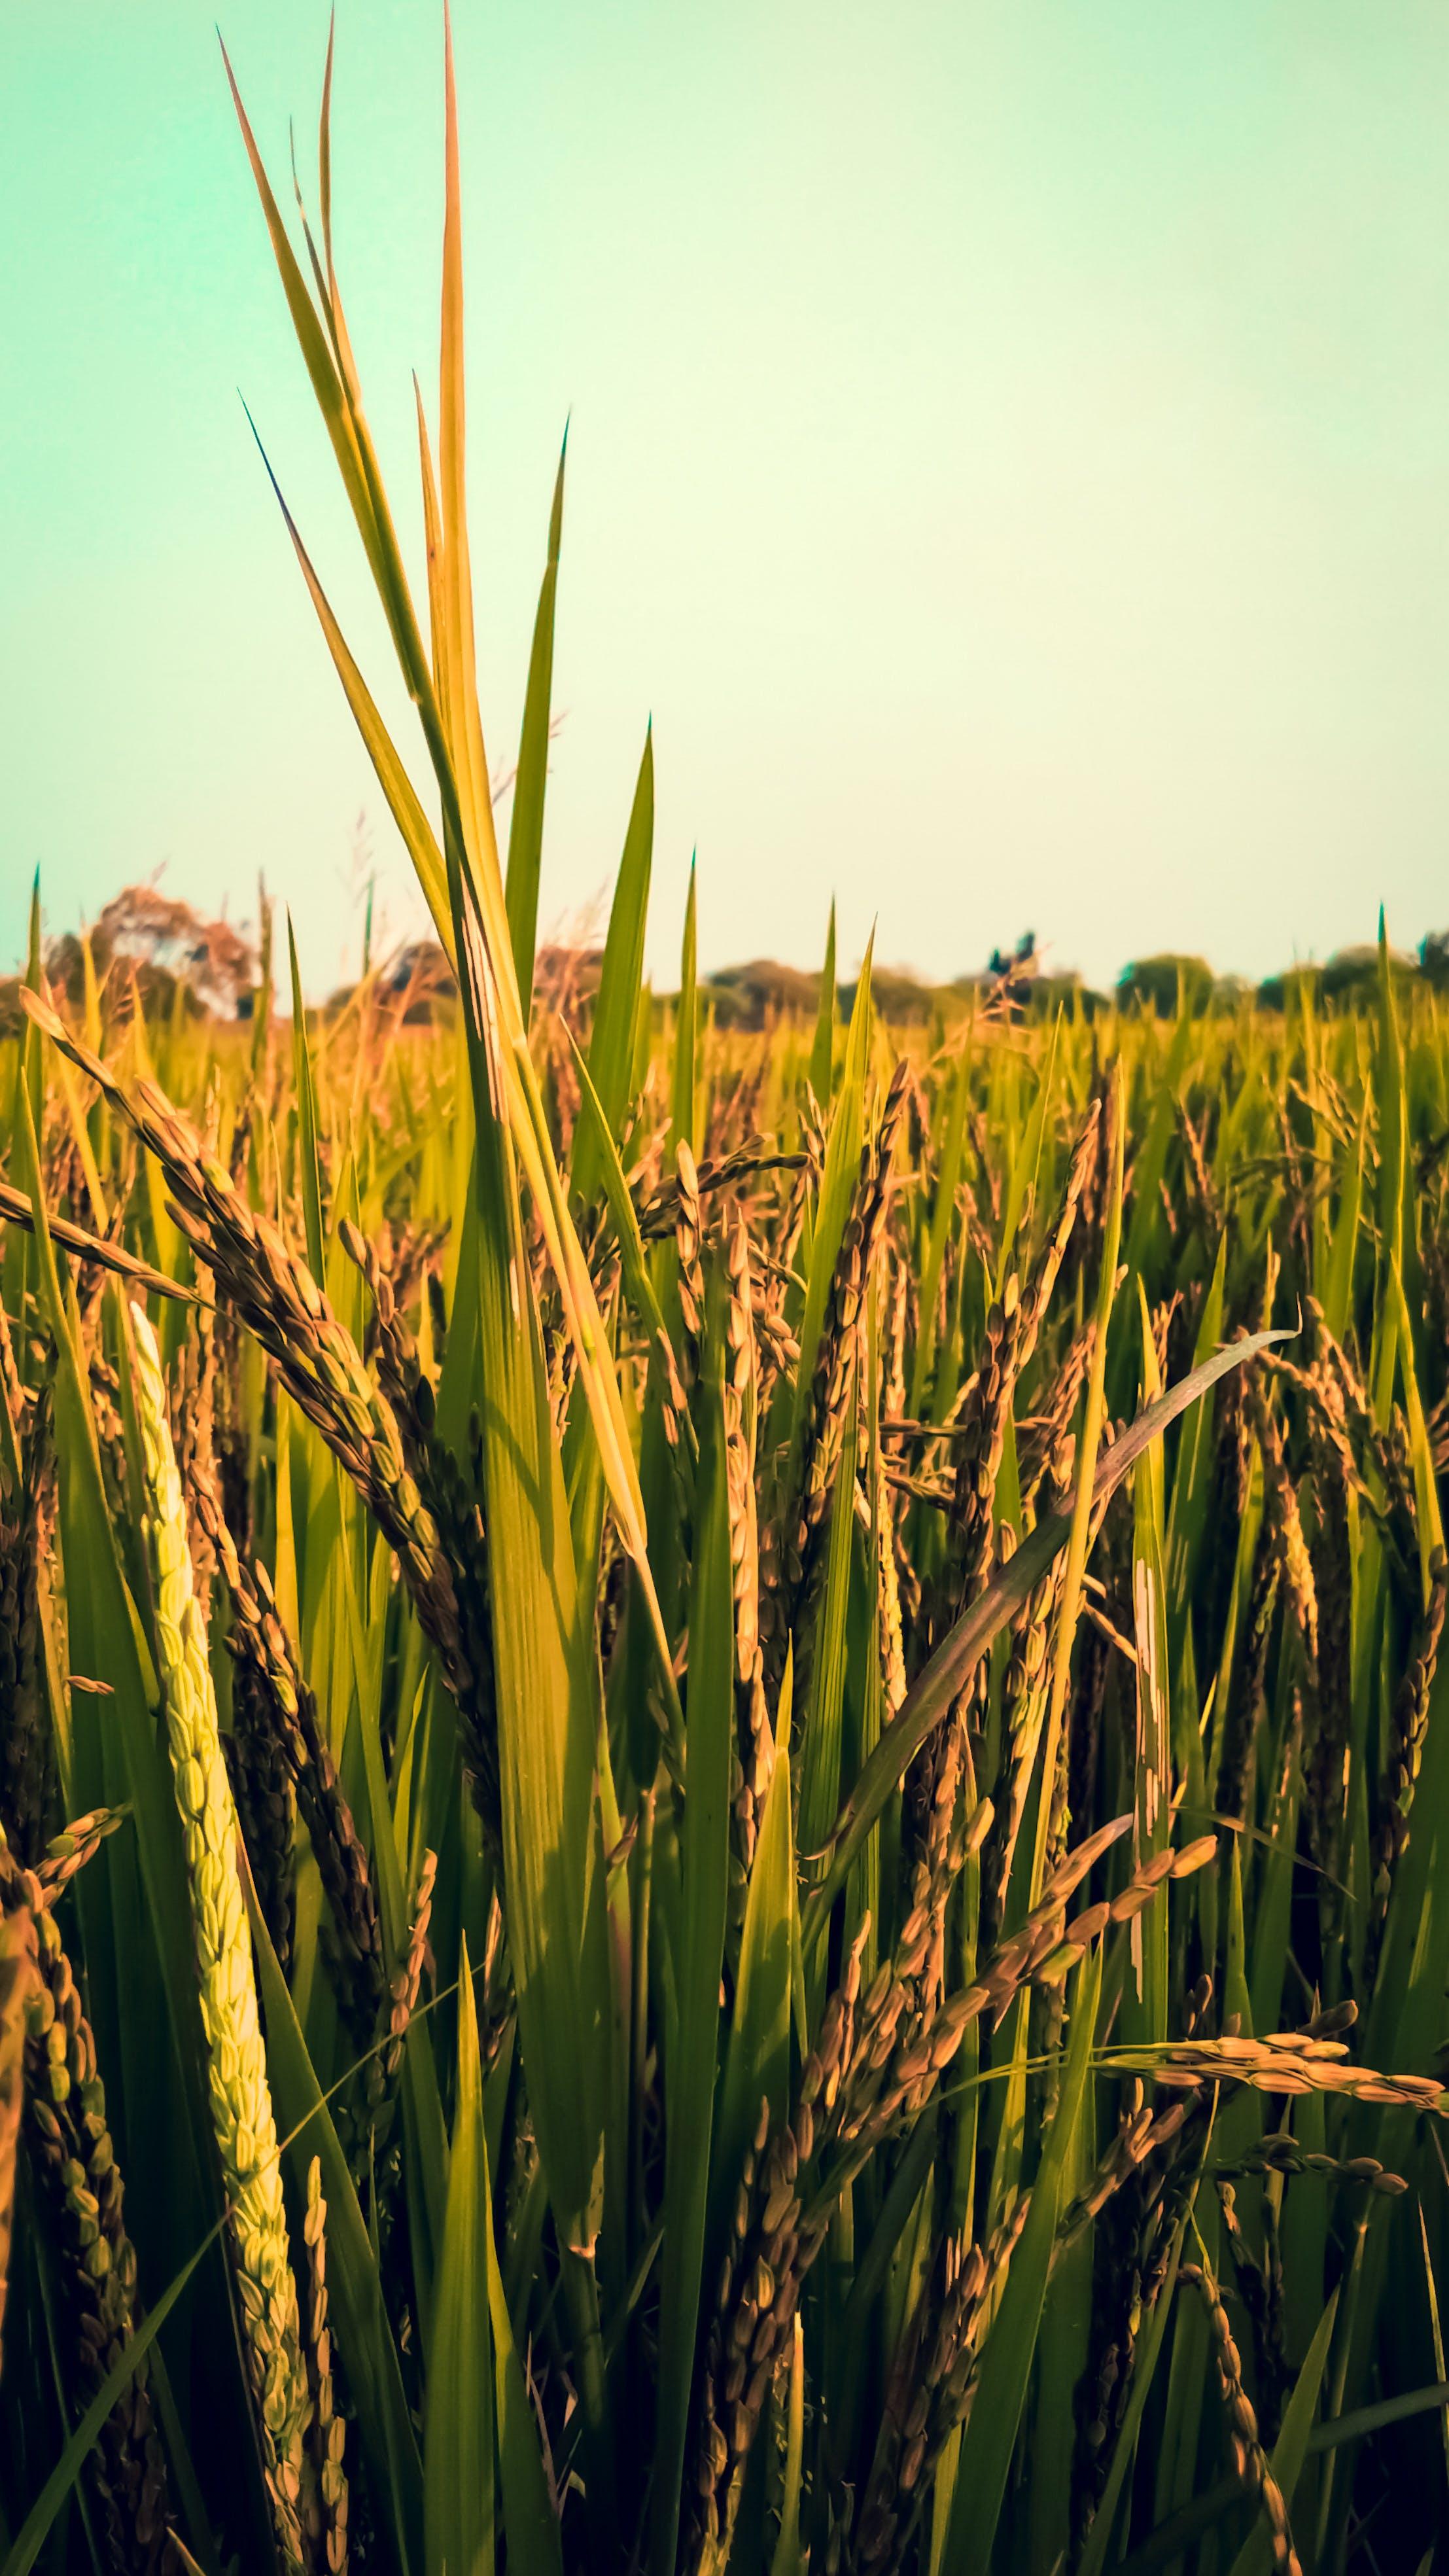 Δωρεάν στοκ φωτογραφιών με ριζοχώραφο, φύση, χωράφι ρυζιού